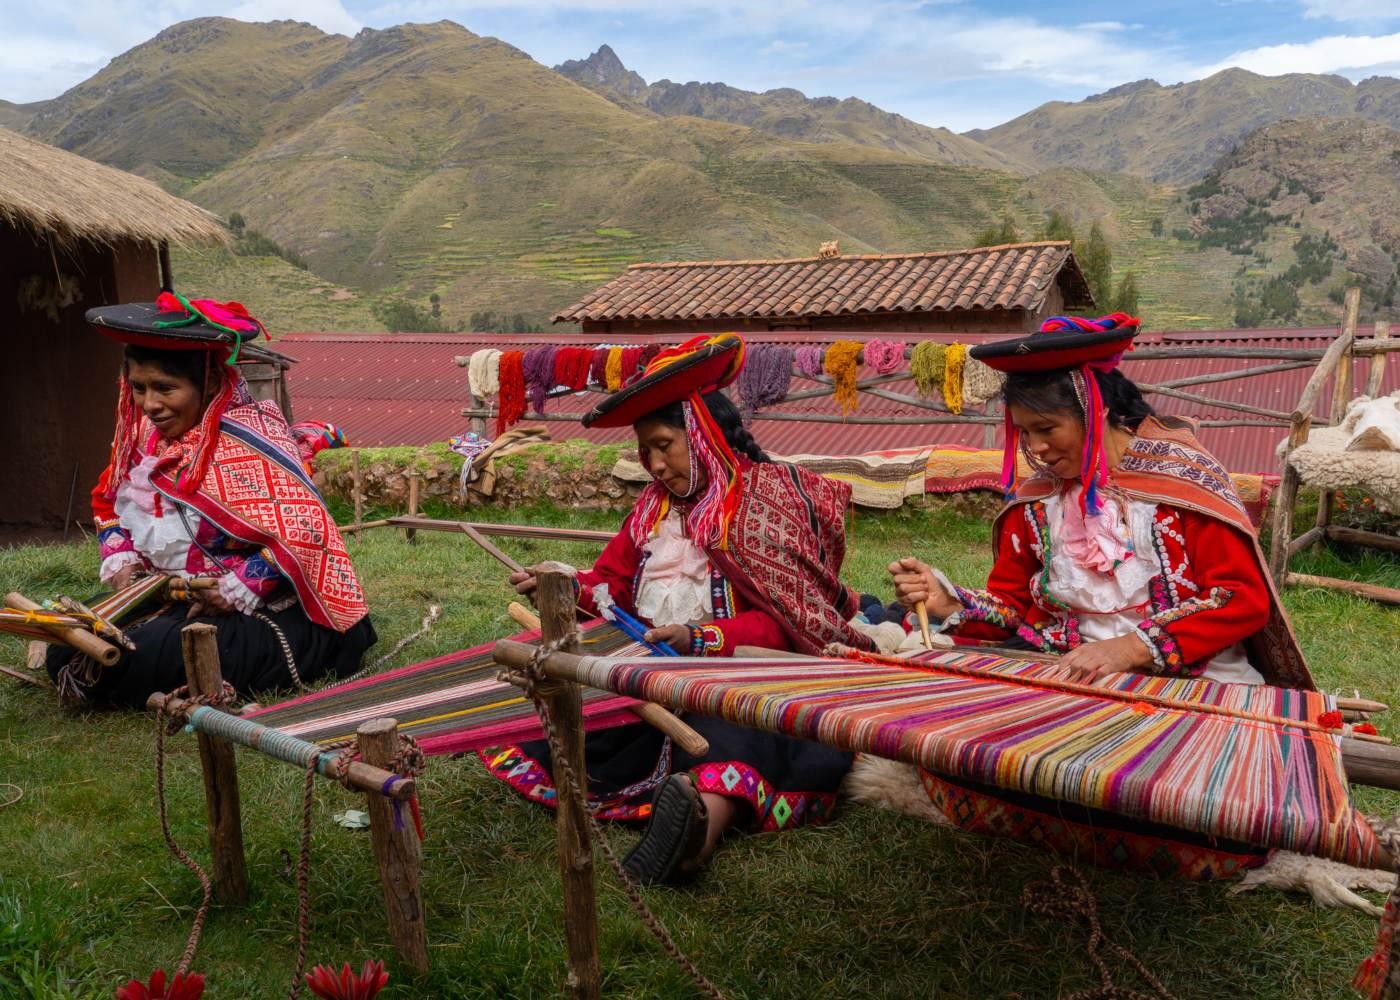 Mulheres do Perú a fazerem artesanato